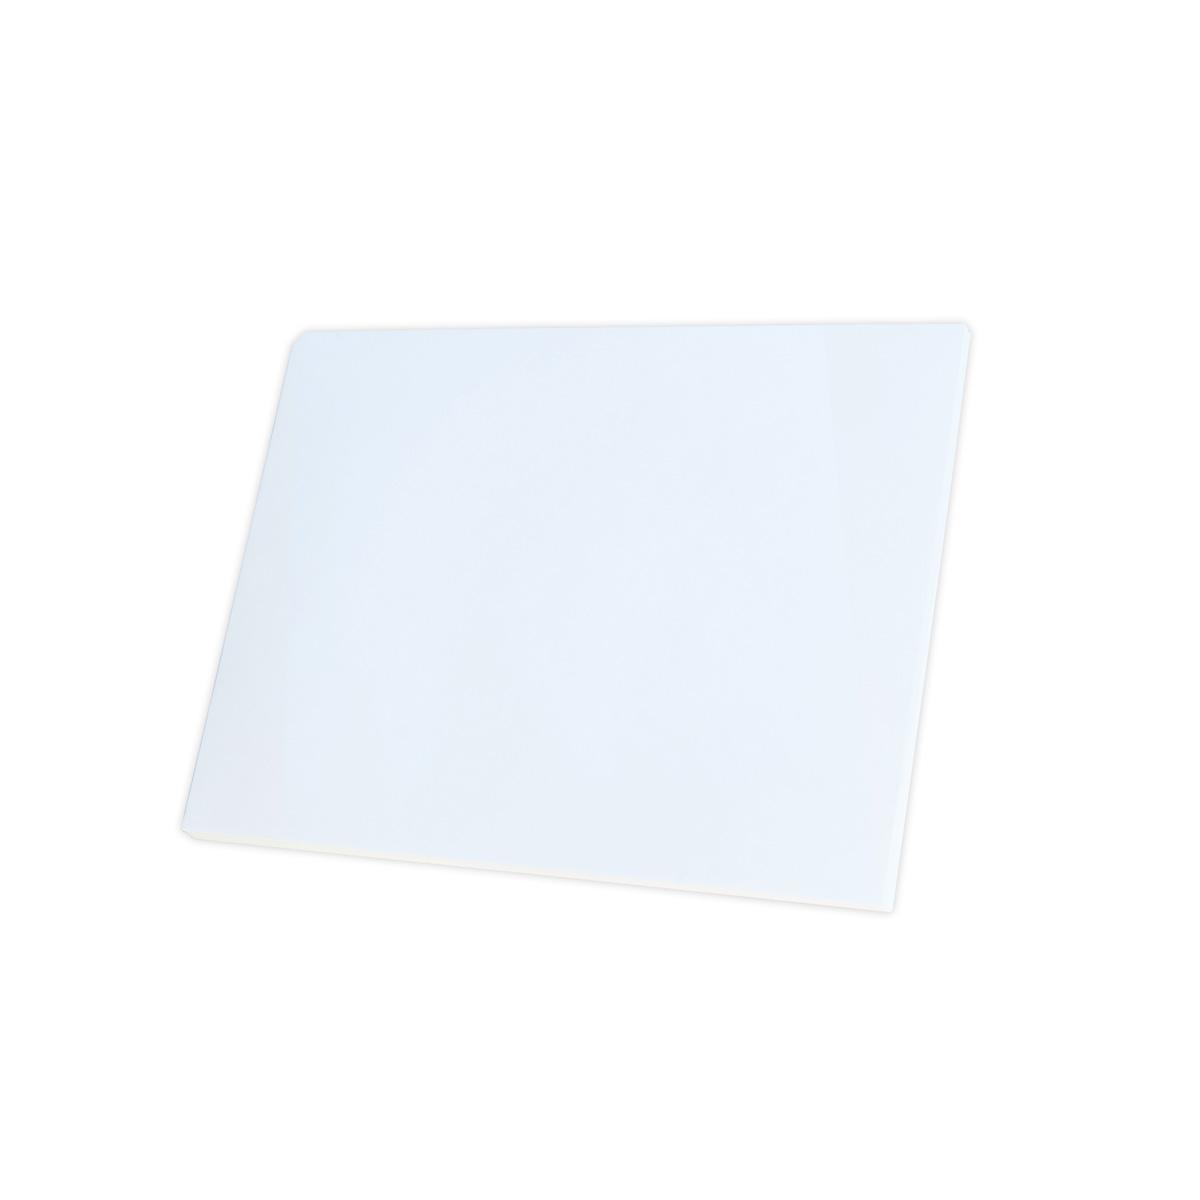 Finger Paint Paper: 23cm x 30cm